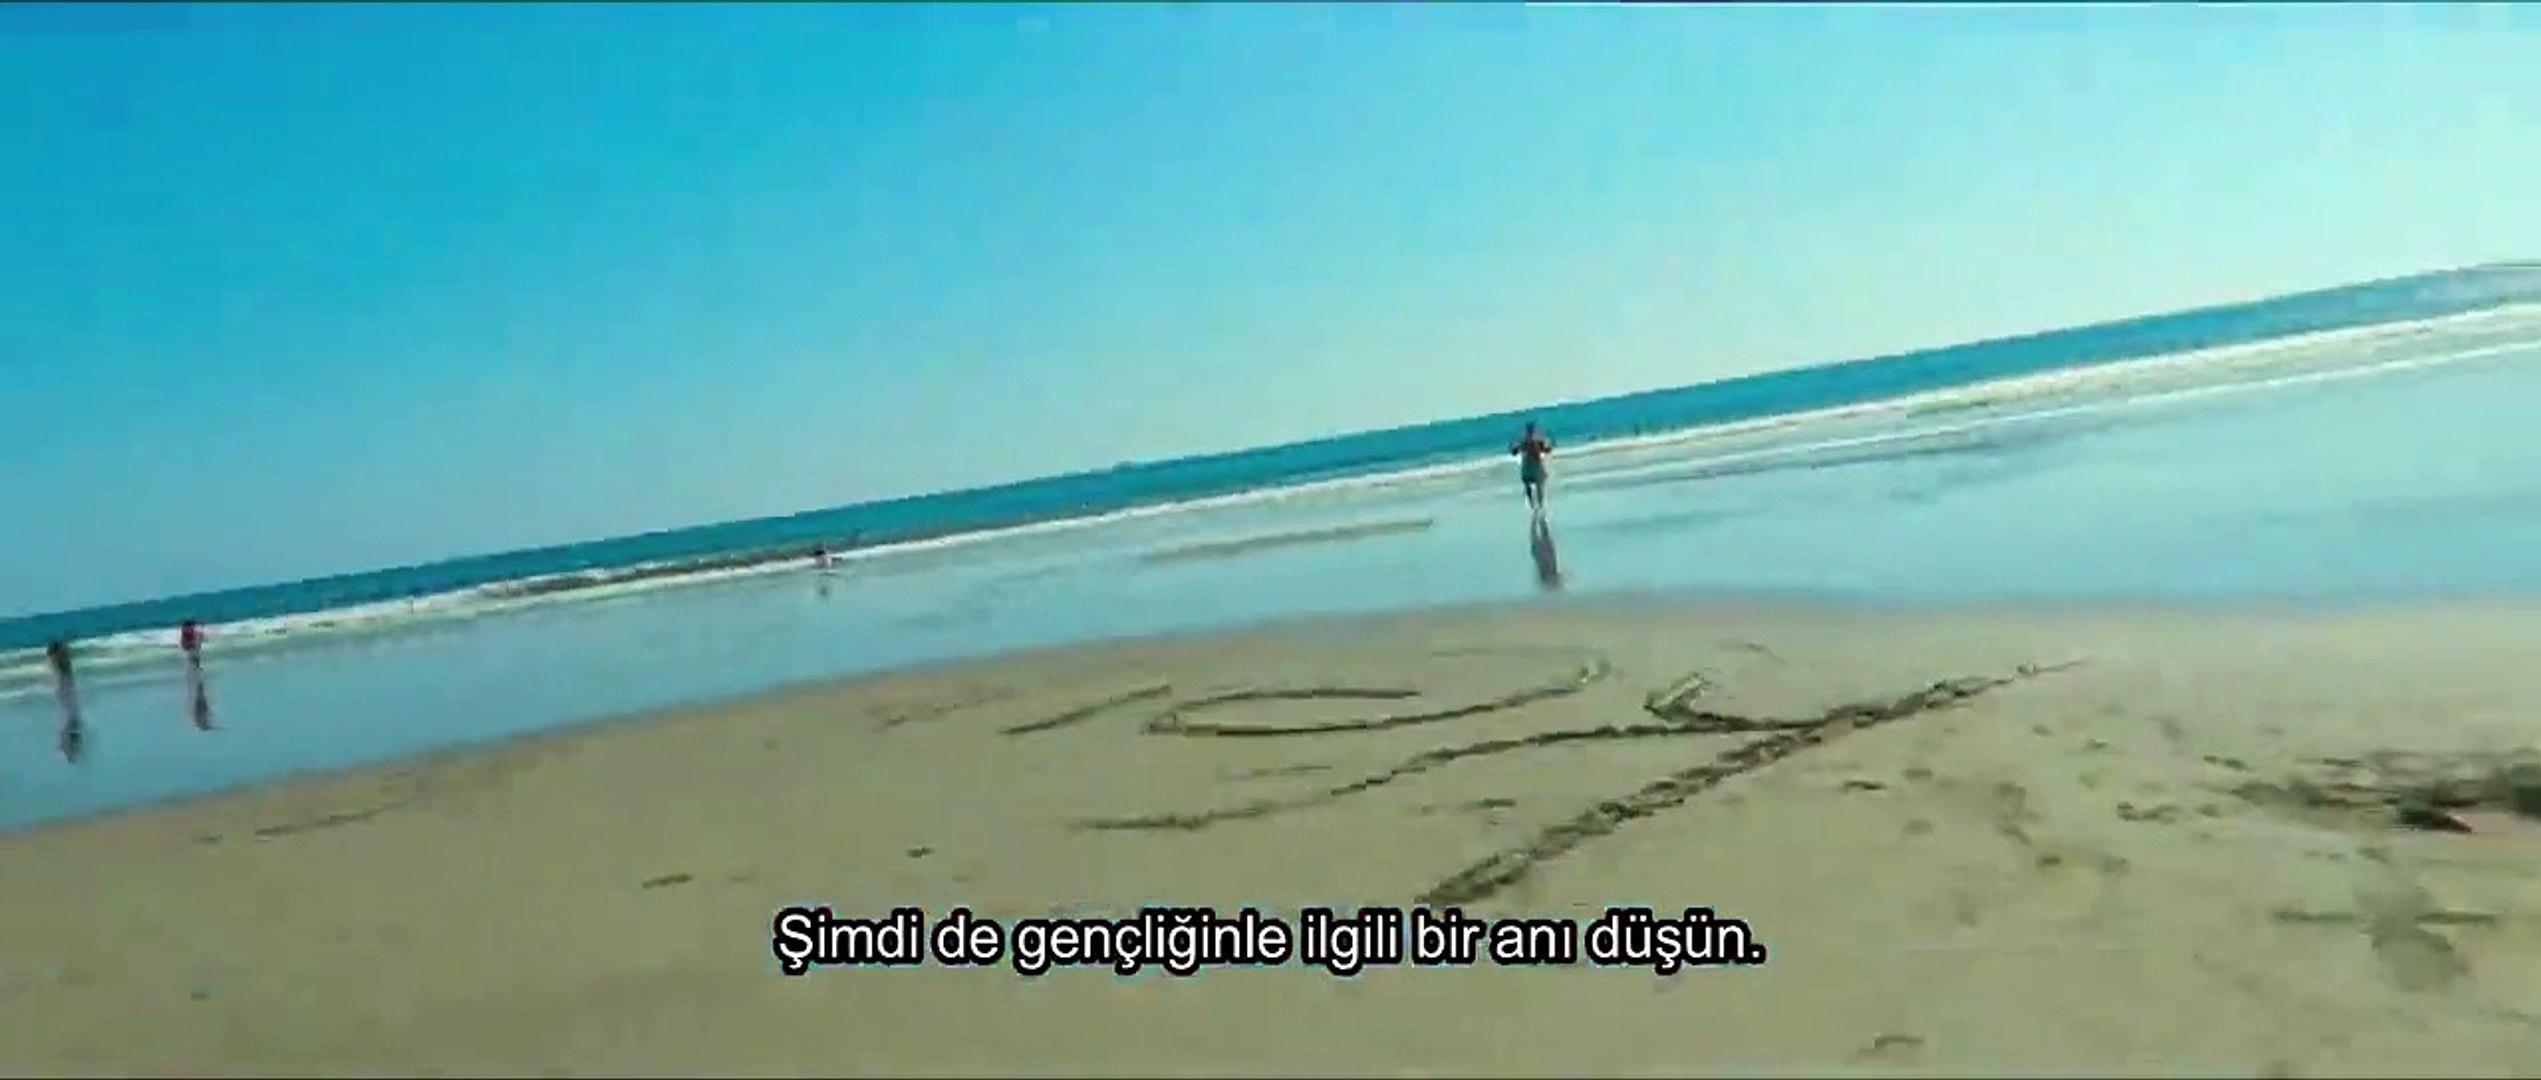 Hafıza - Rememory (2018) Türkçe Altyazılı Fragman